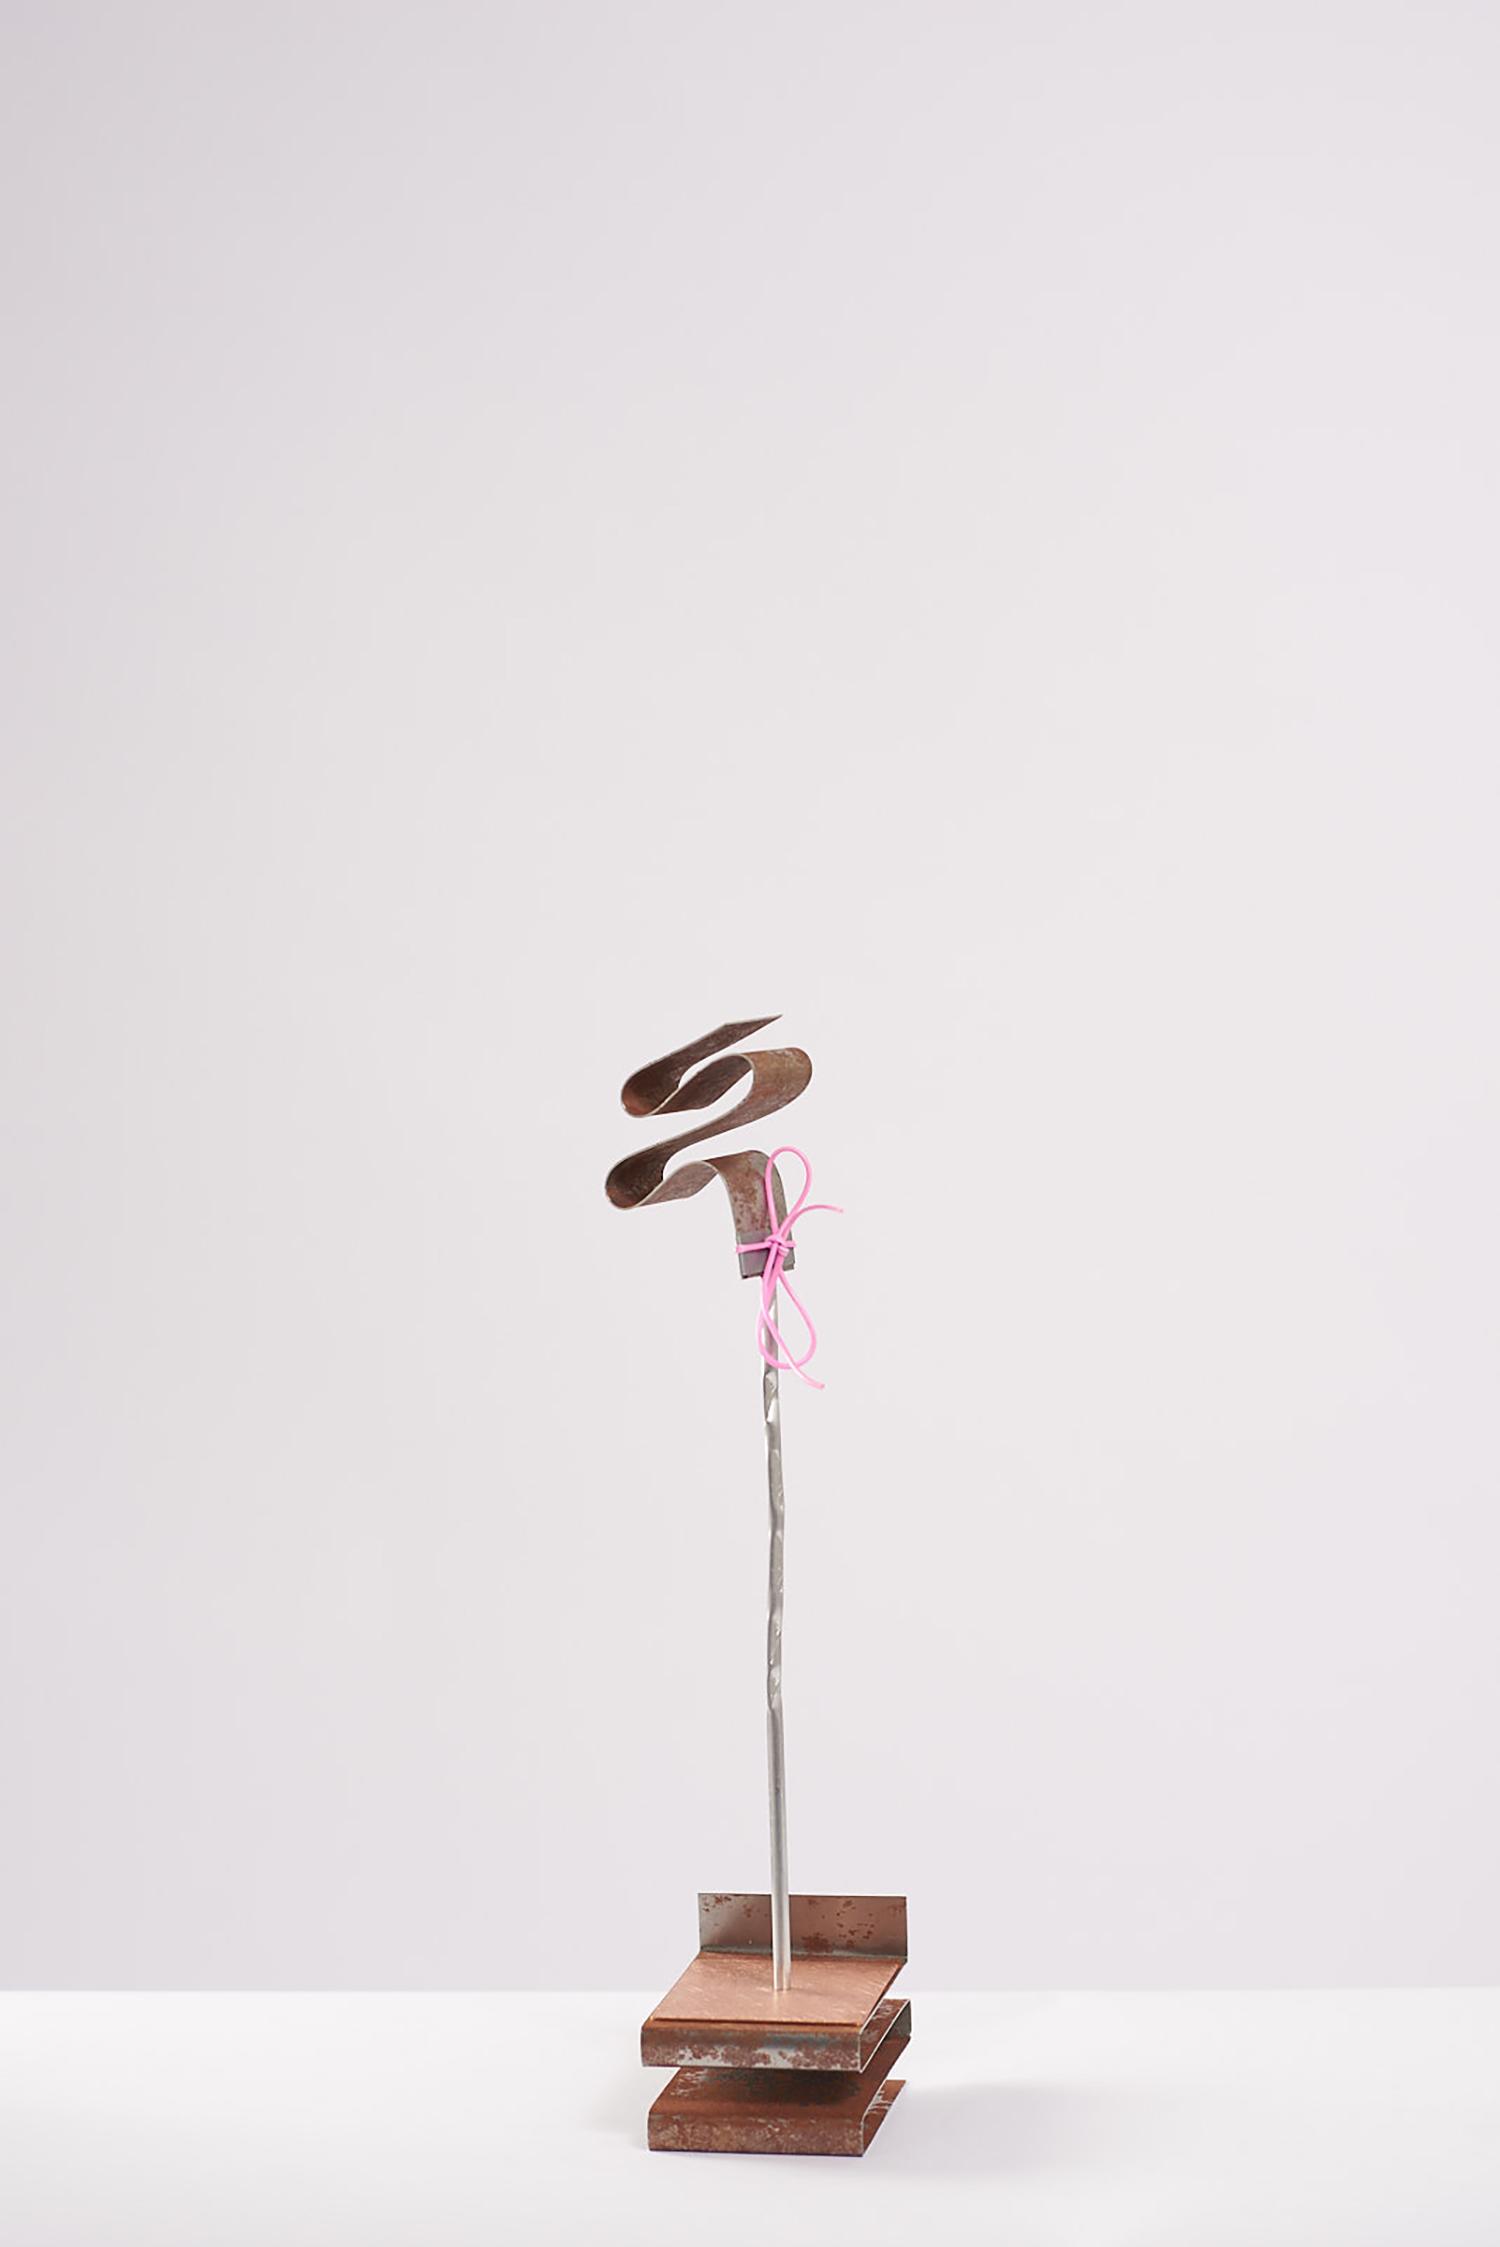 Steel waveform with pink tie